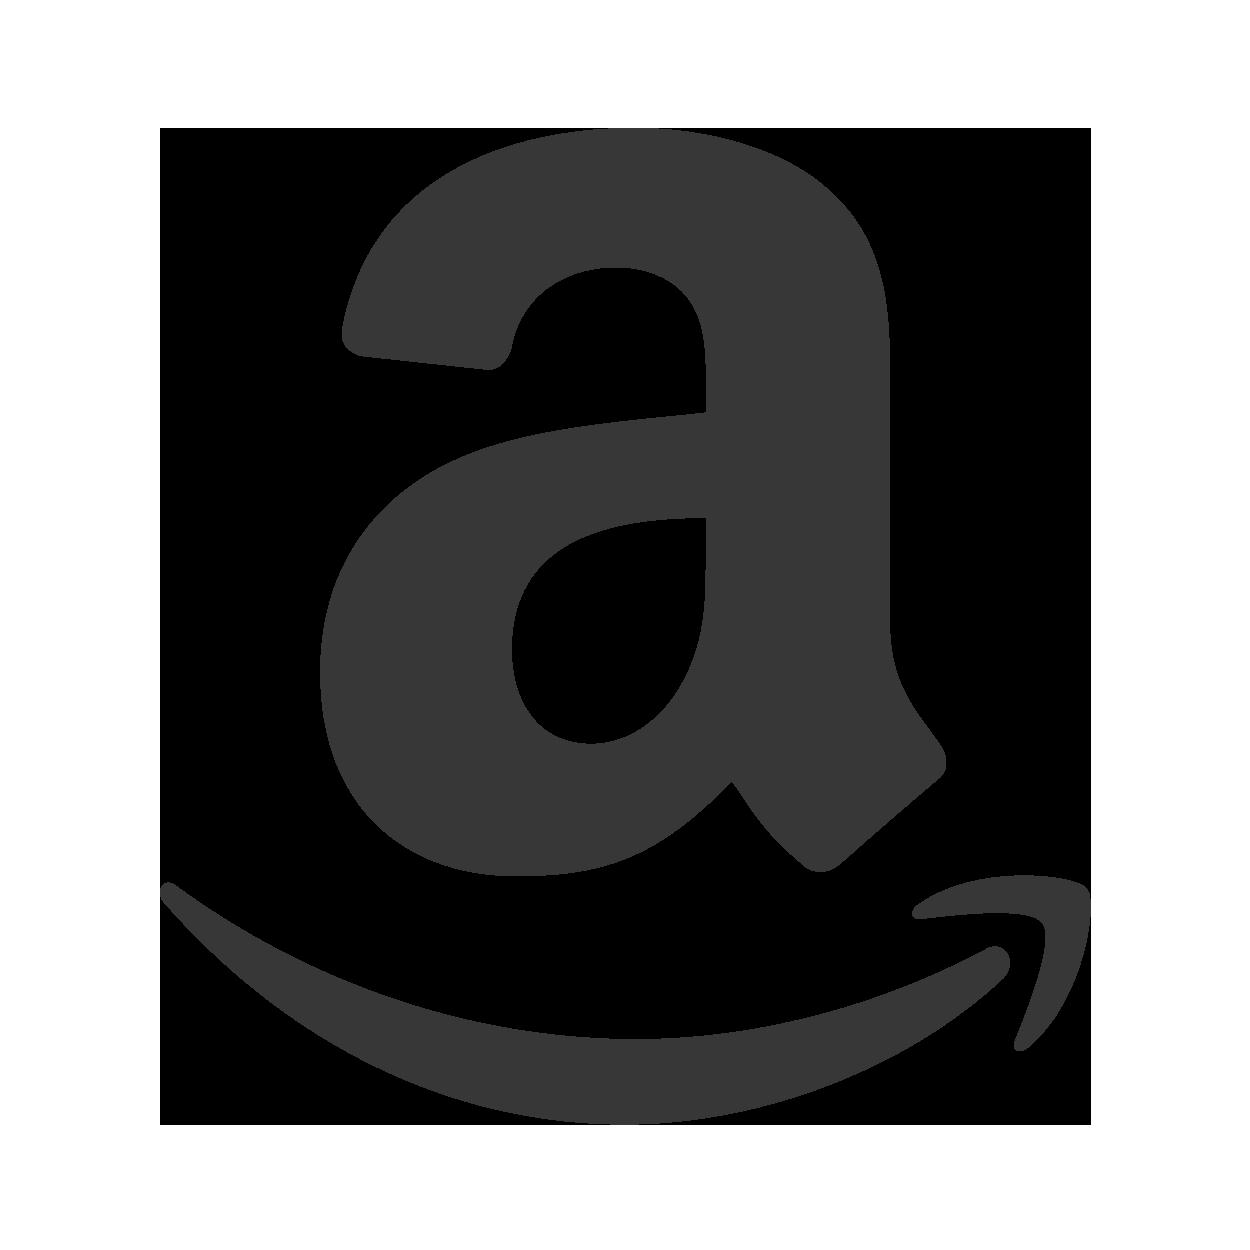 AMAZON-grey.png